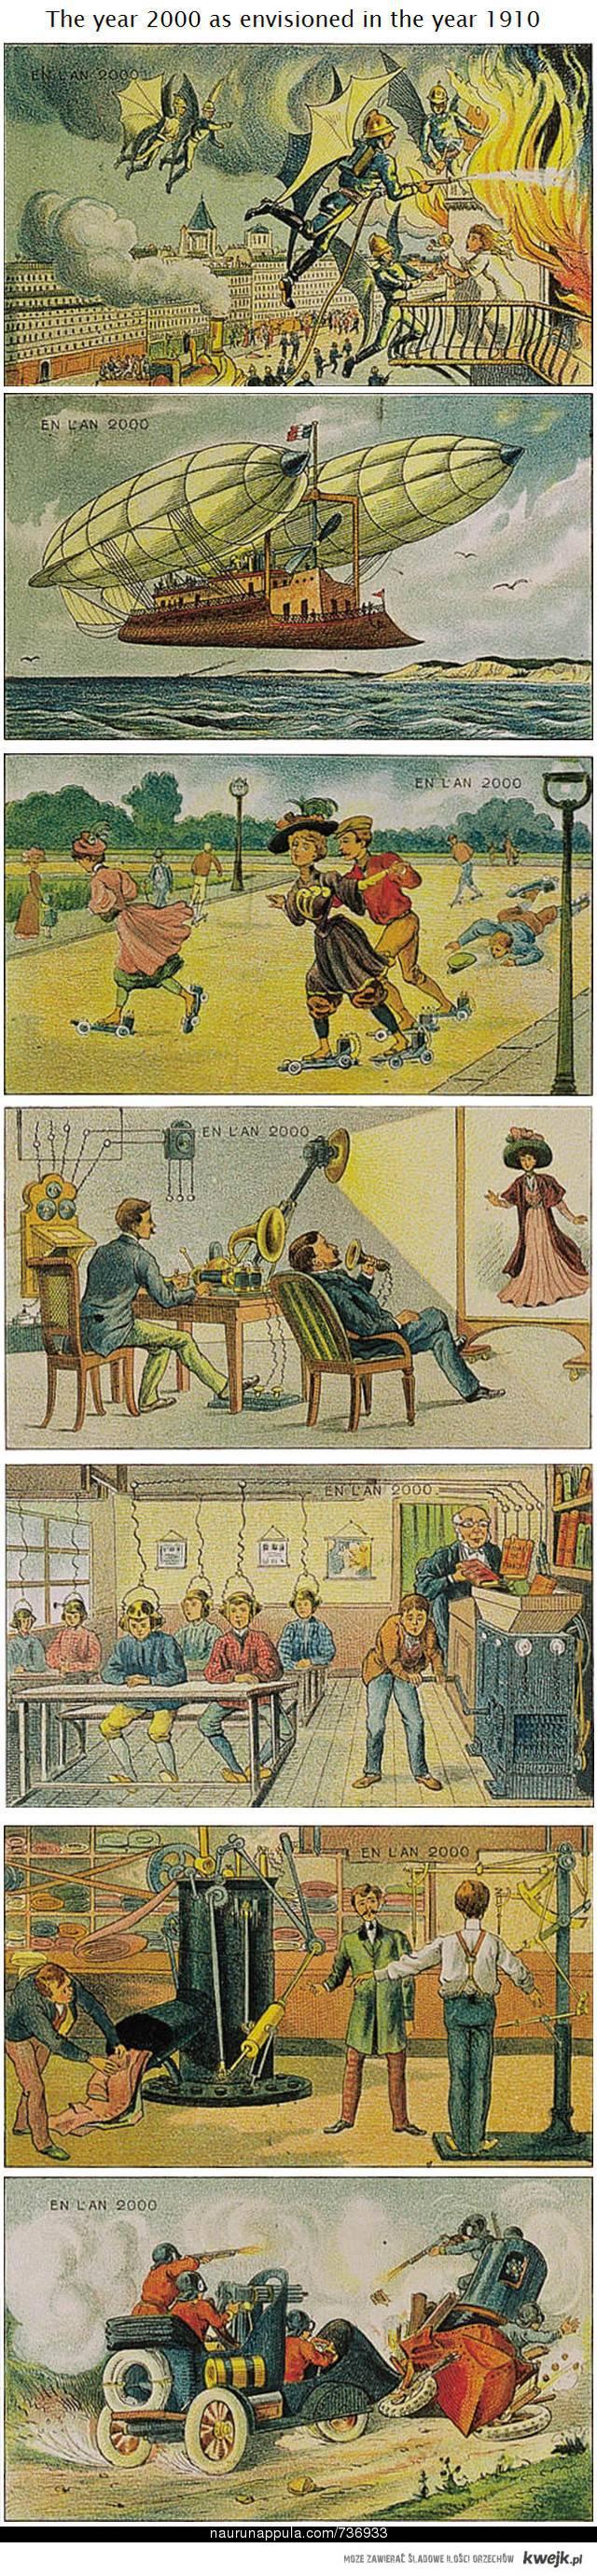 Rok 2010 w wyobrażeniu ludzi z 1910